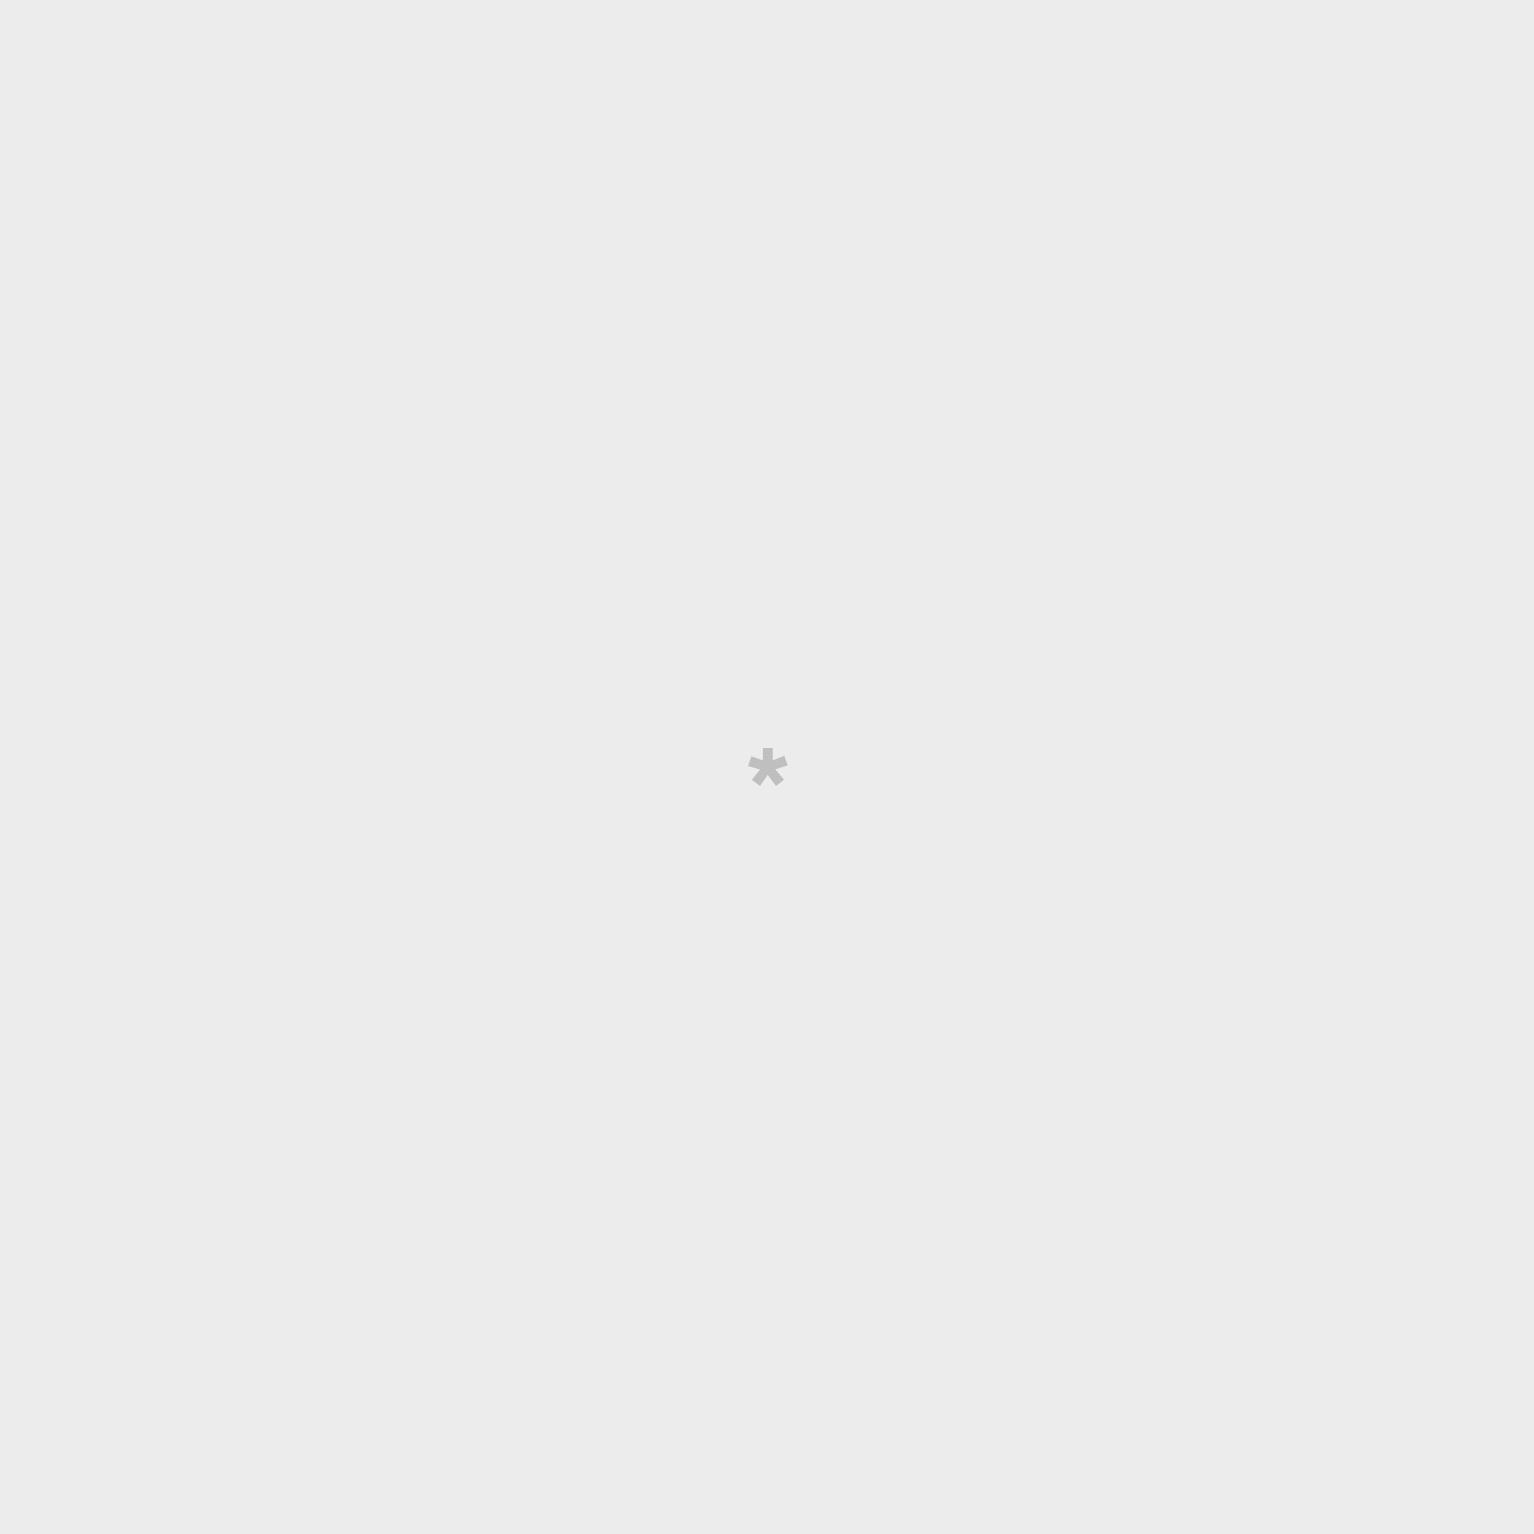 Diario di viaggio - Quel luogo nel quale perdersi